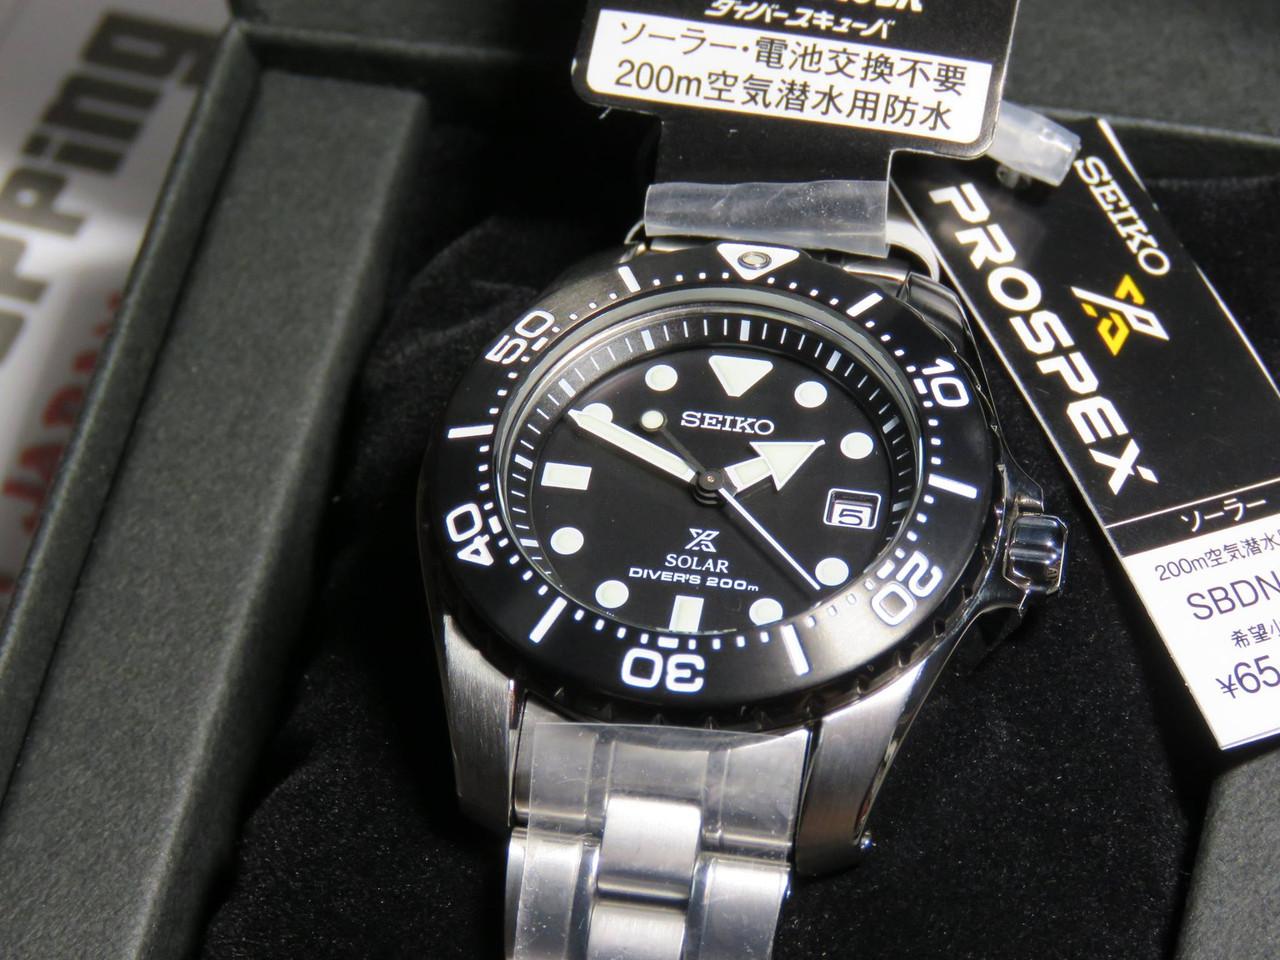 Seiko SBDN019 Air Diver Titanium Solar